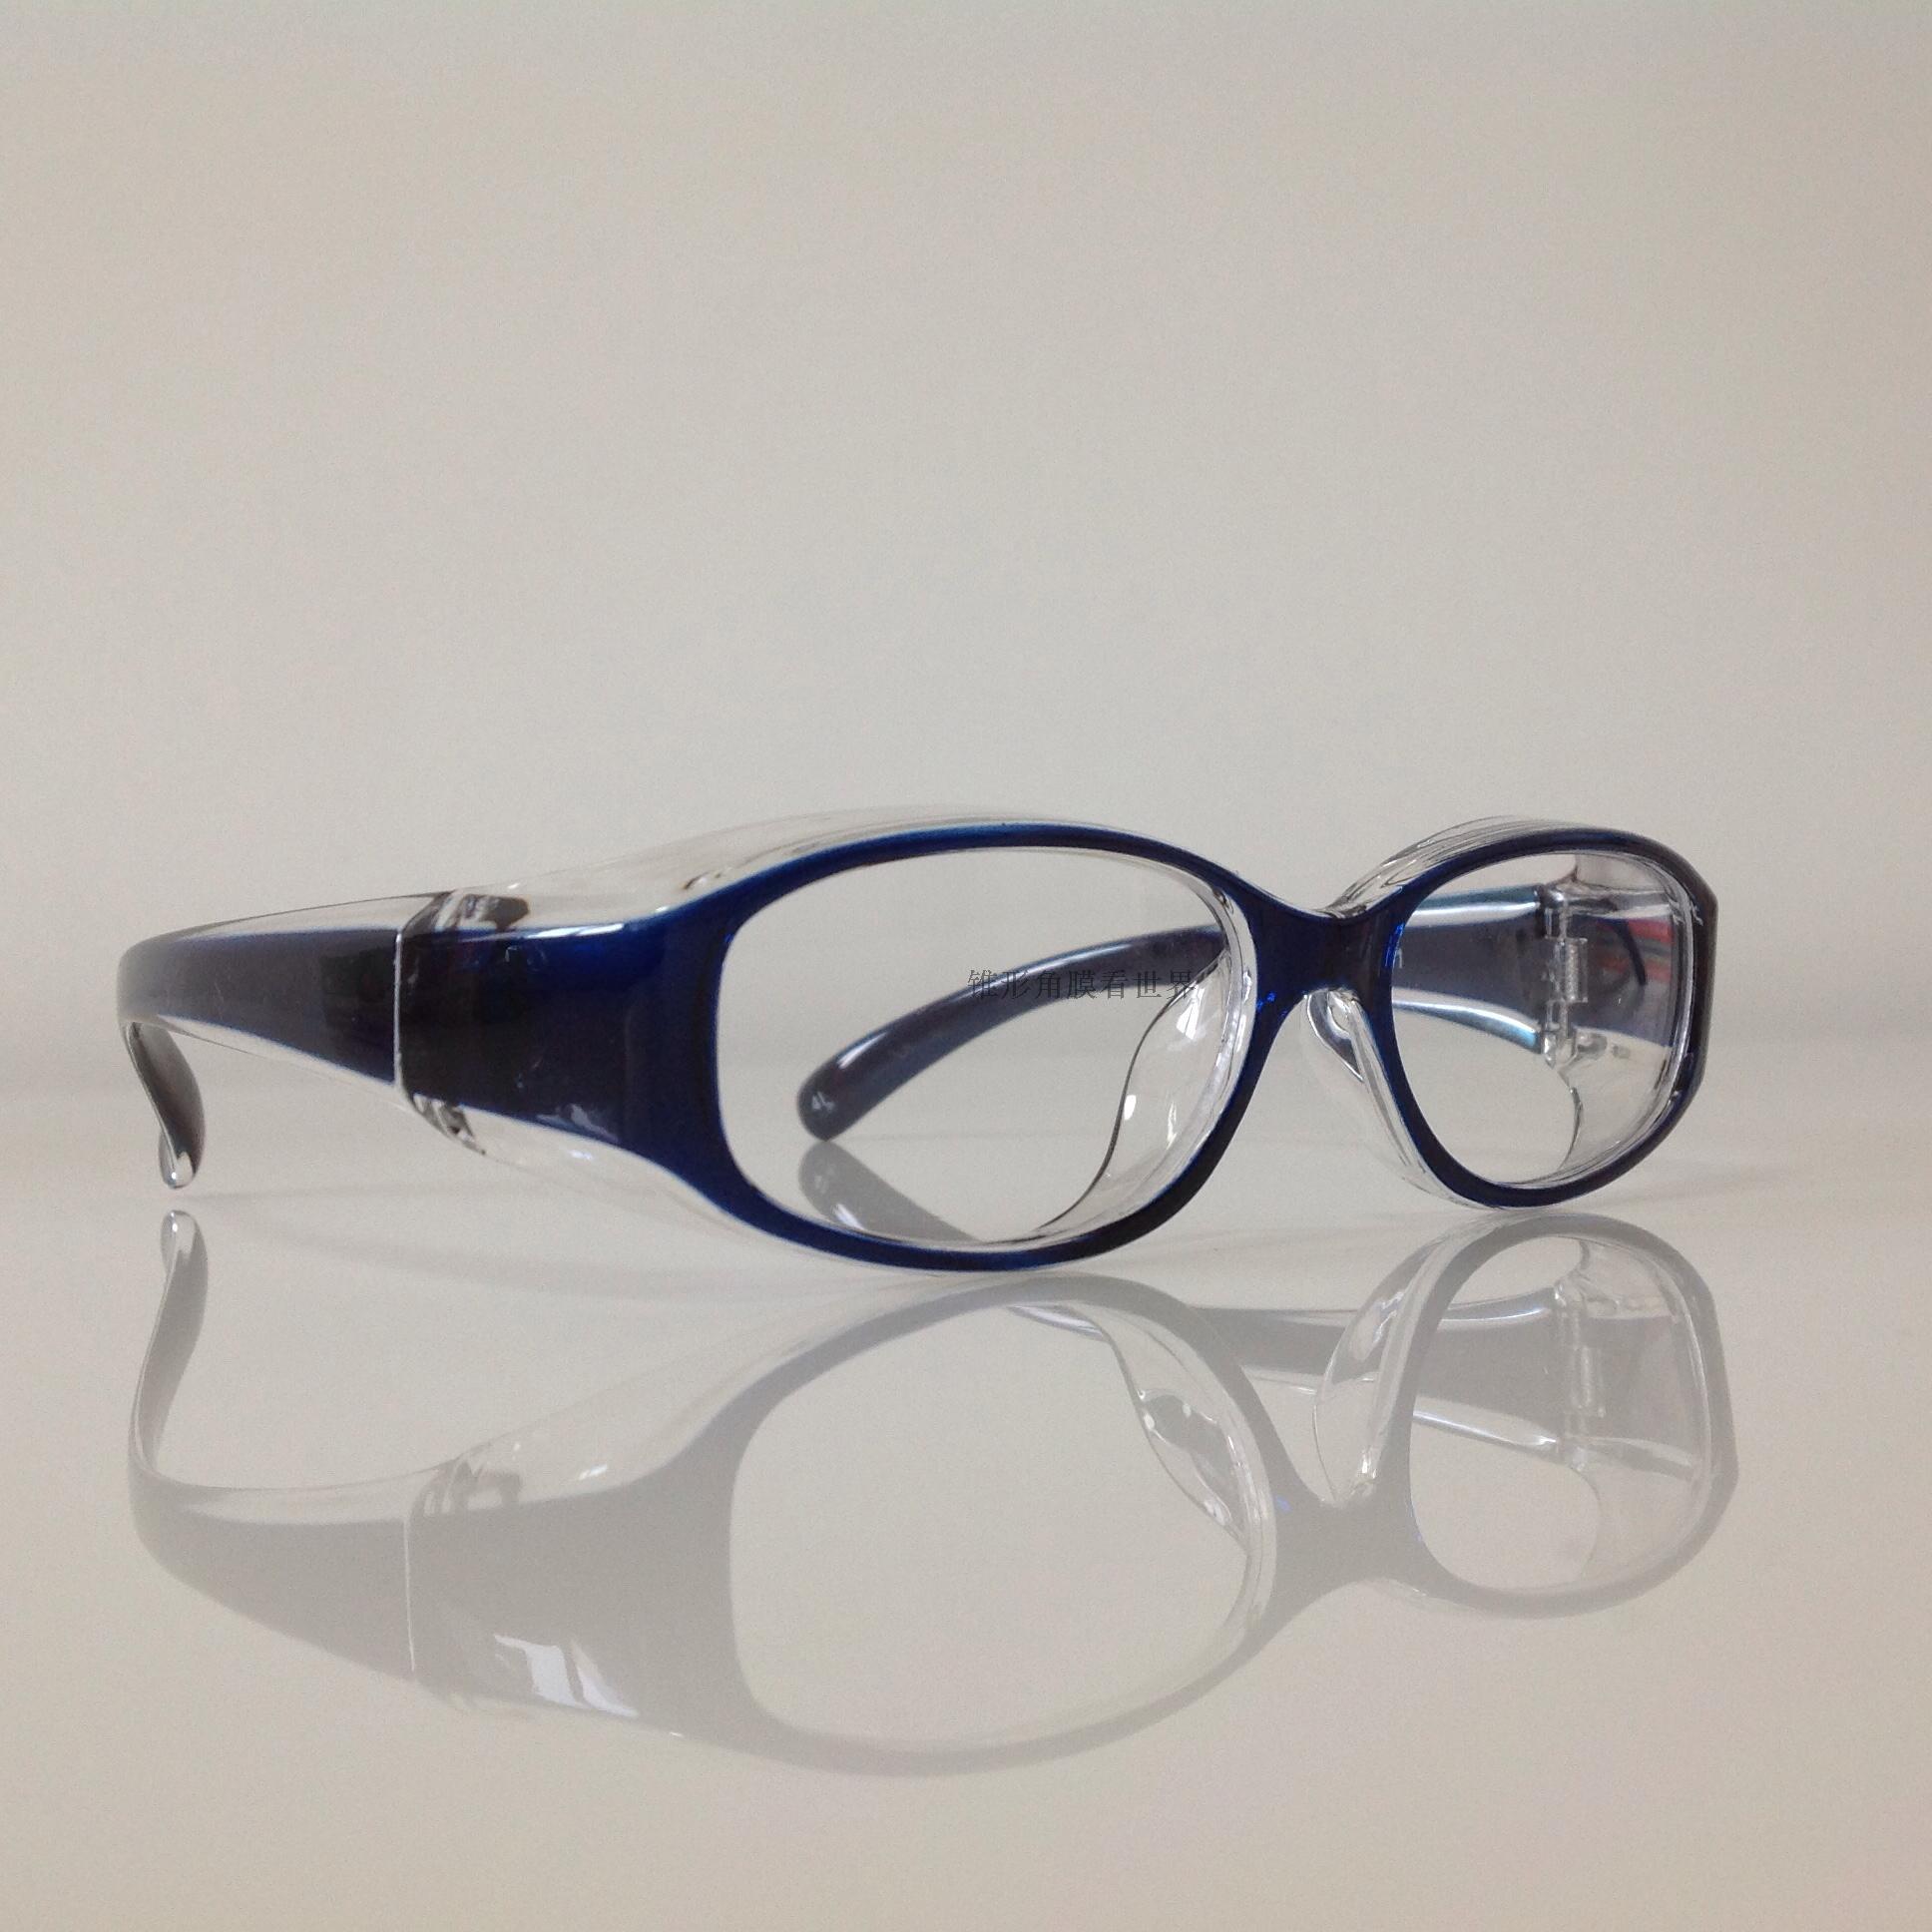 日本进口RGP用儿童防护眼镜 防花粉雾霾 防风沙紫外 防干眼